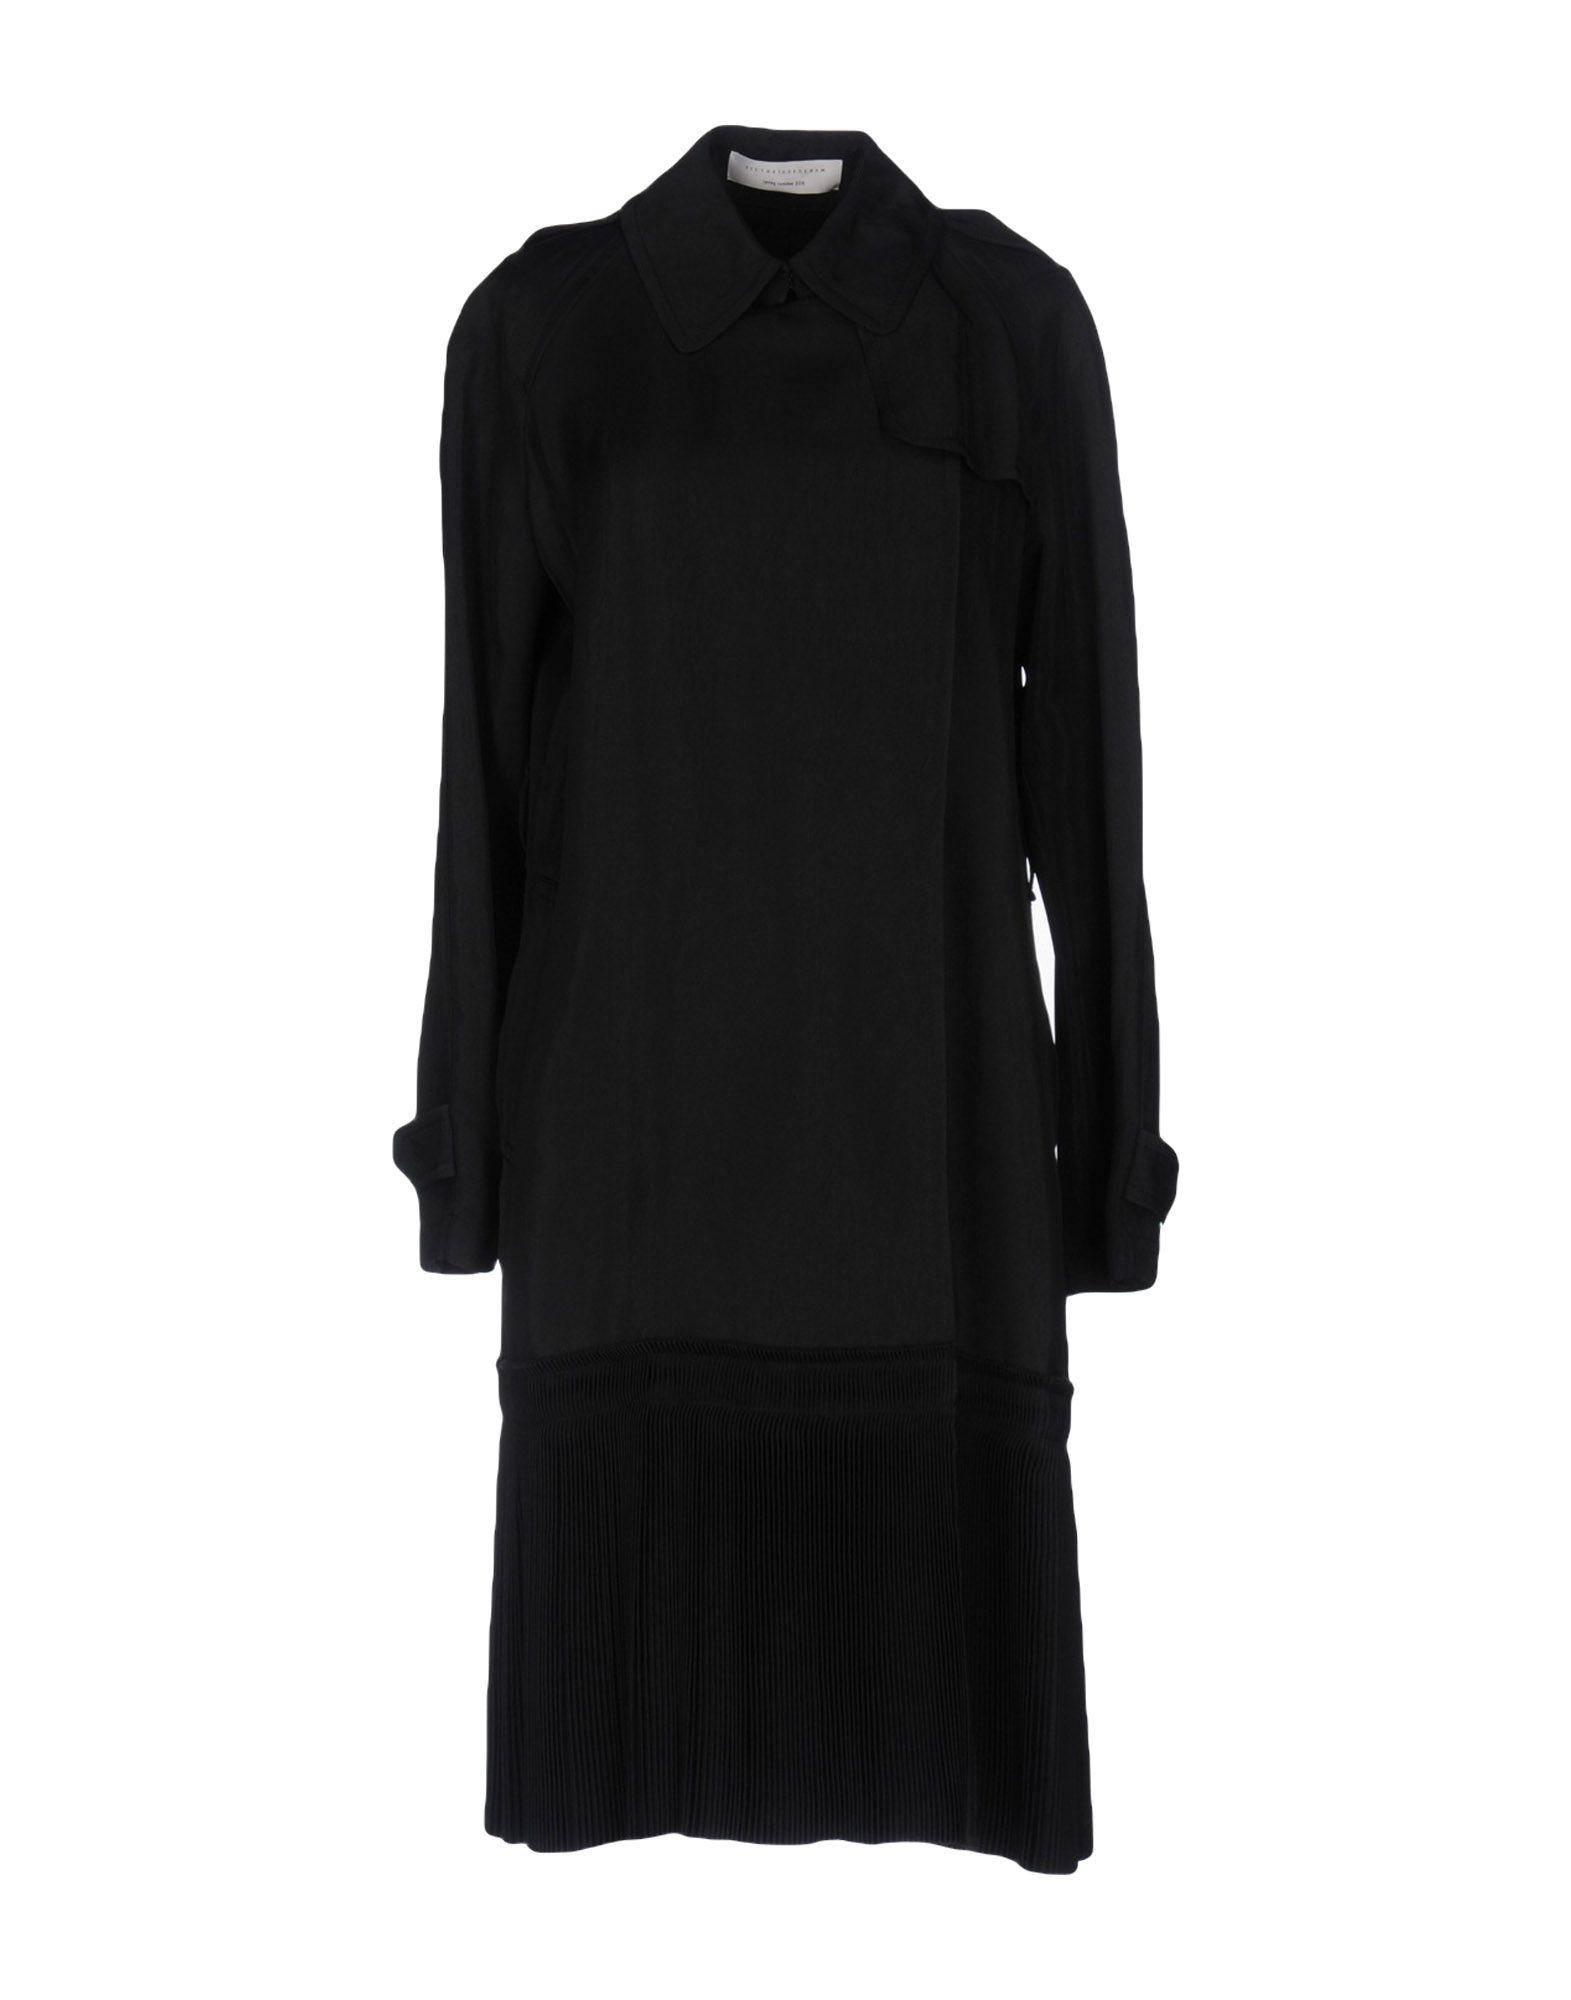 VICTORIA BECKHAM Платье до колена victoria beckham платье от victoria beckham 69775 черный